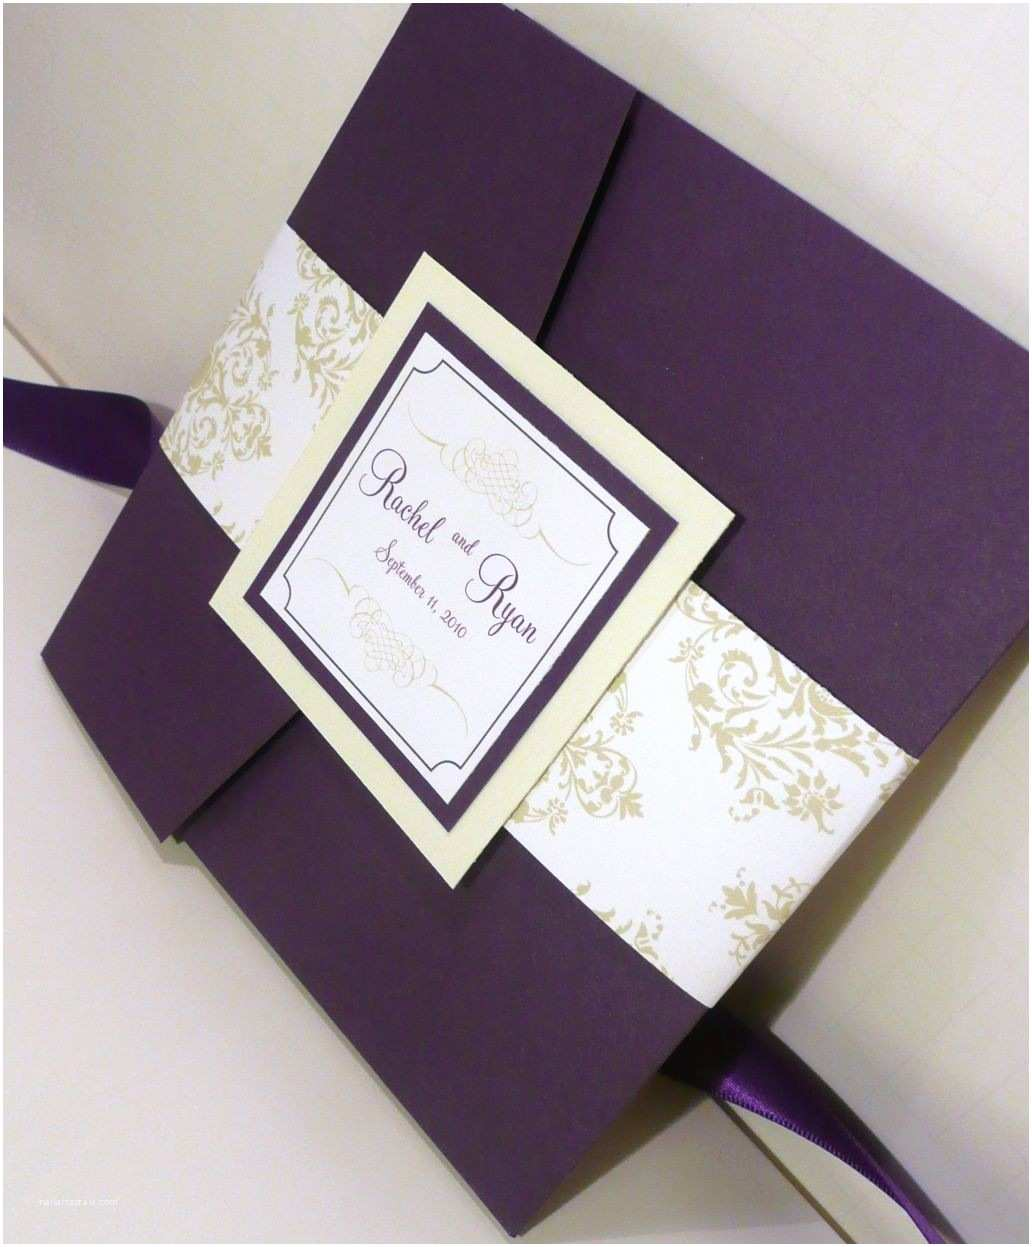 envelopes for wedding invites in white